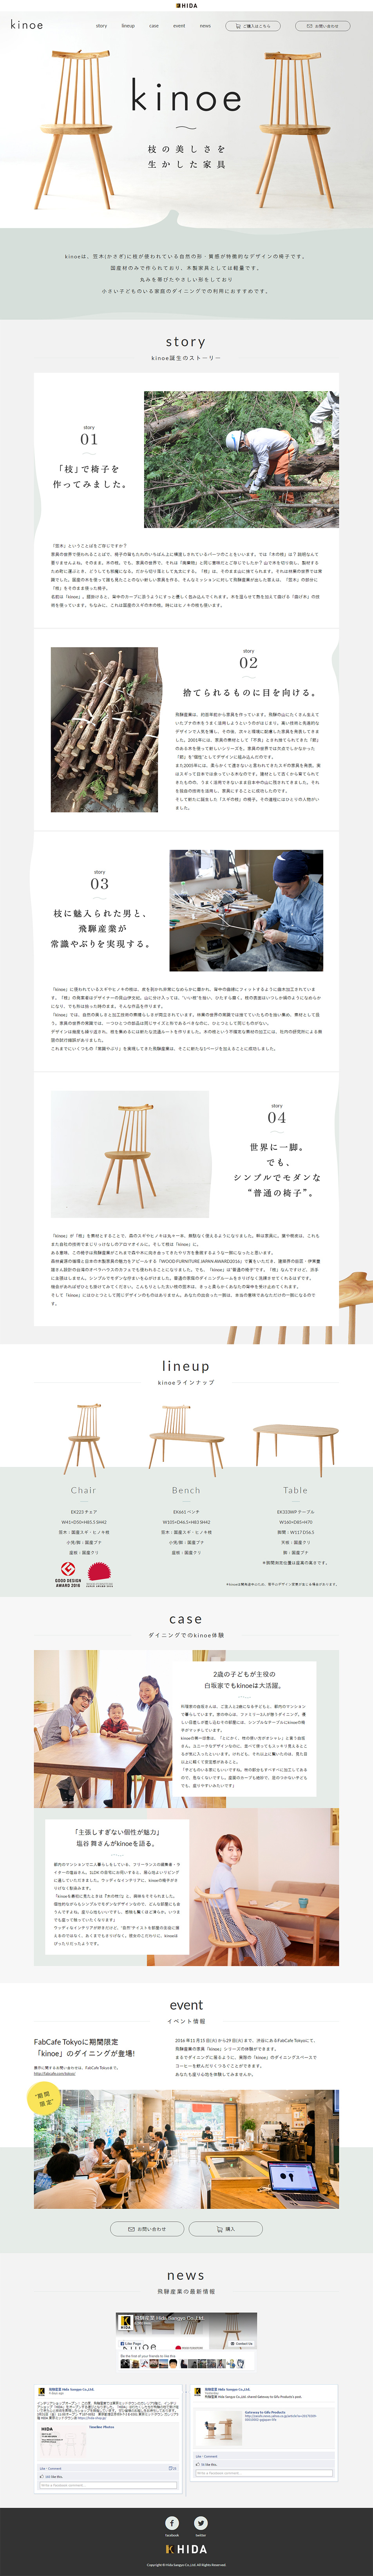 kinoe【インテリア関連】のLPデザイン。WEBデザイナーさん必見!ランディングページのデザイン参考に(シンプル系)